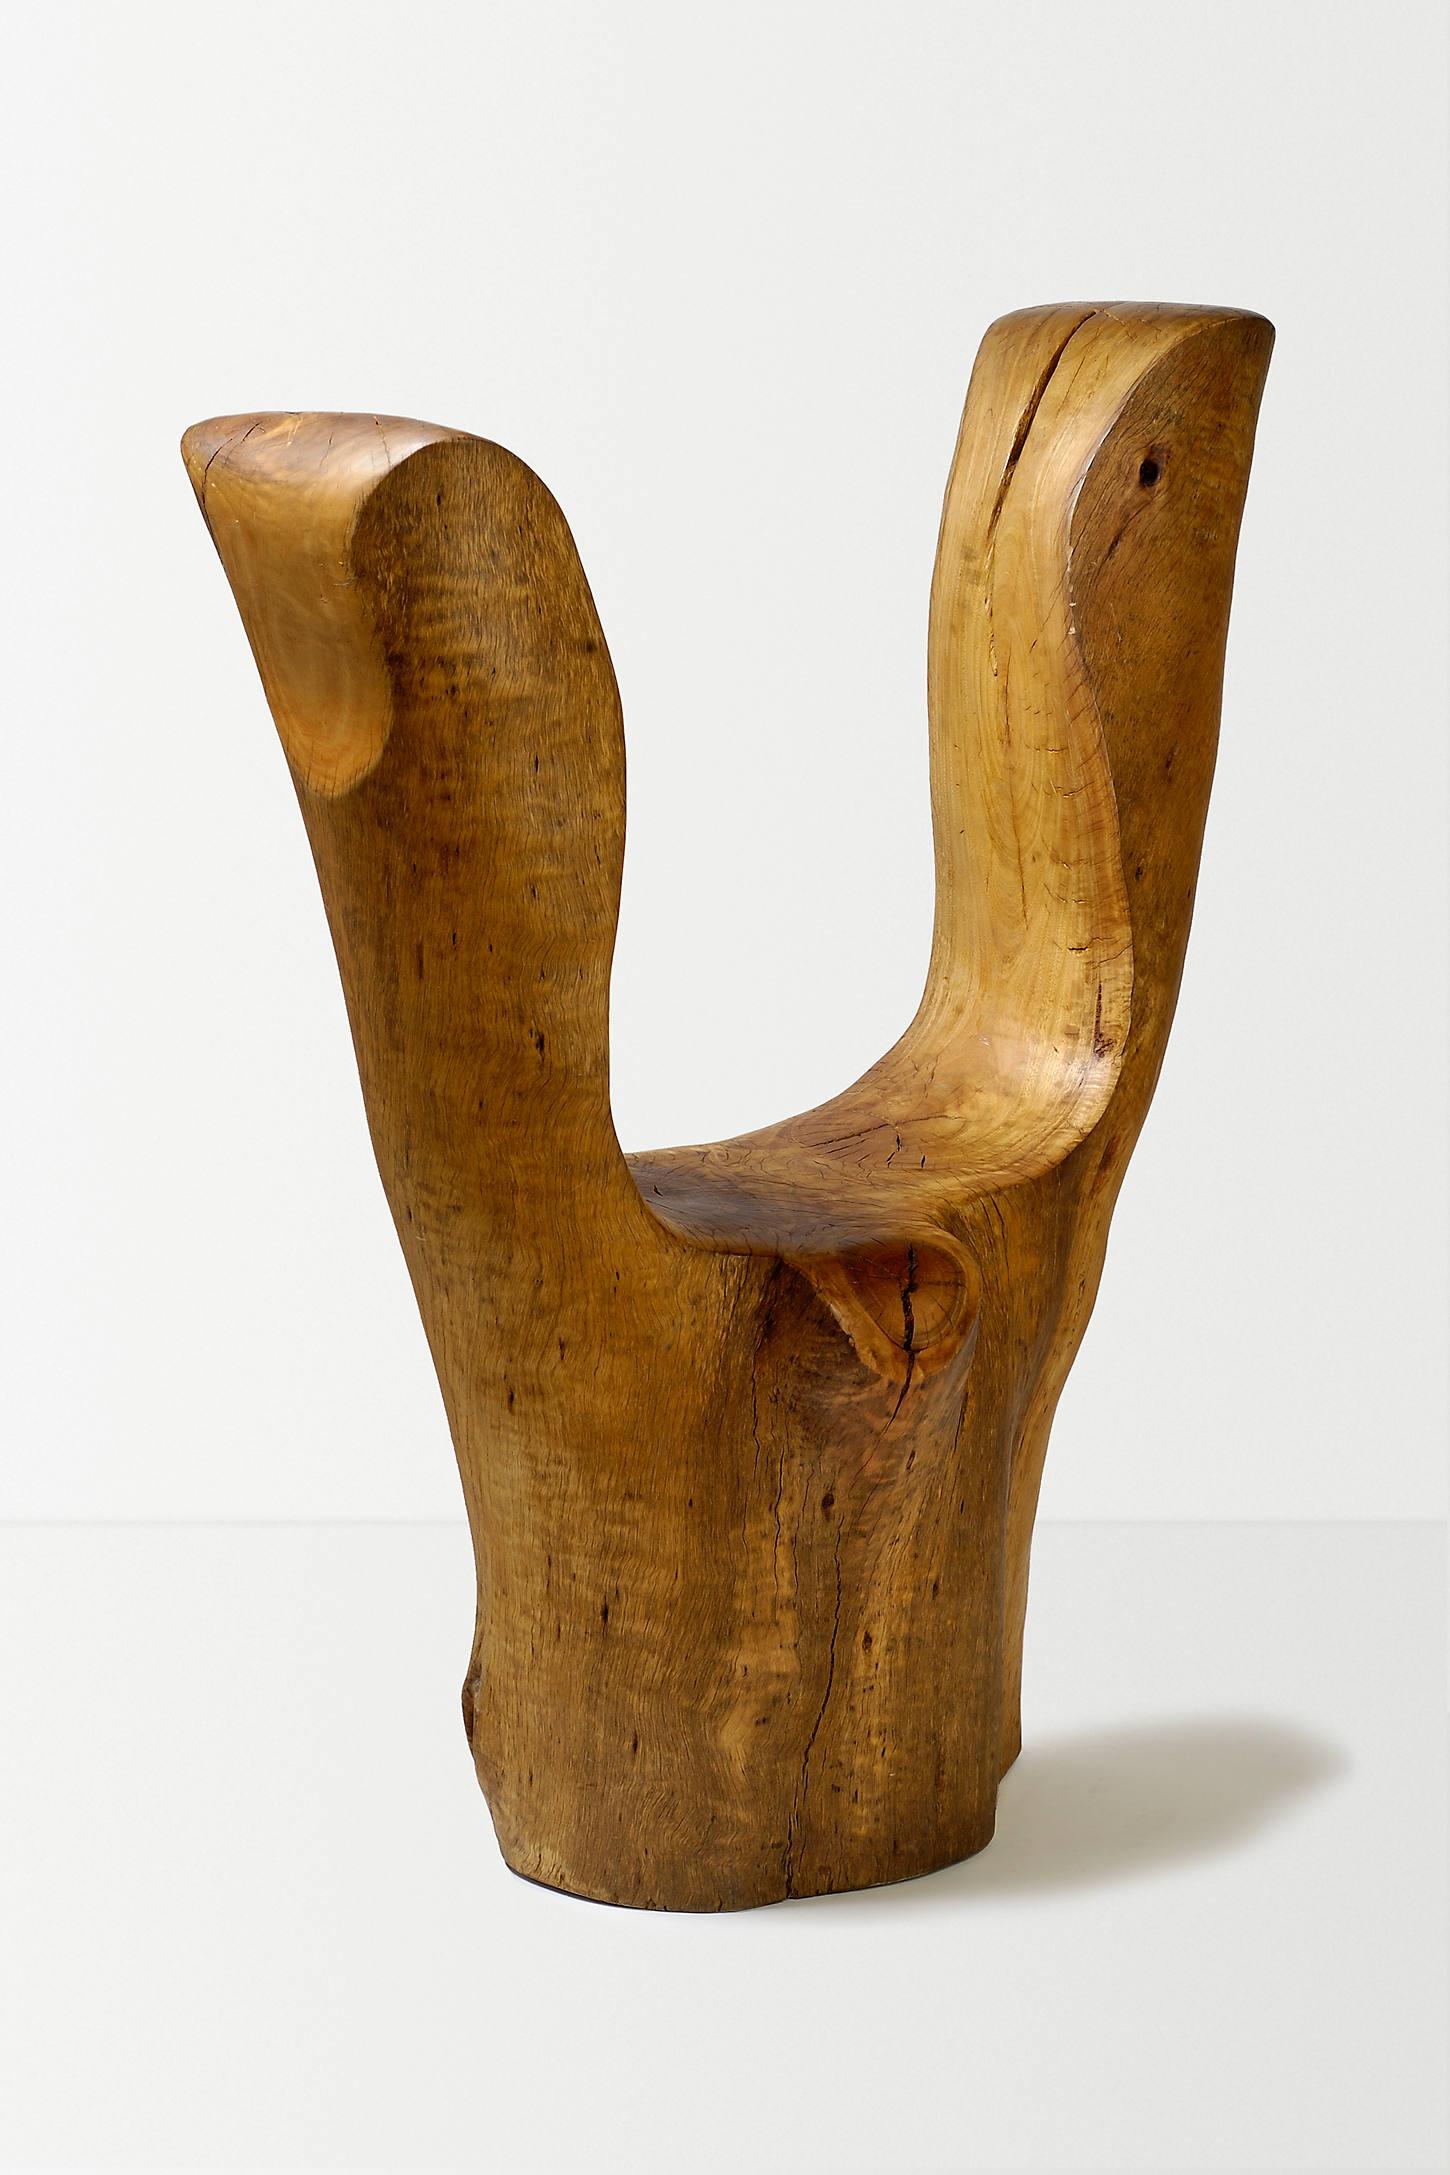 Whale Bone Chair